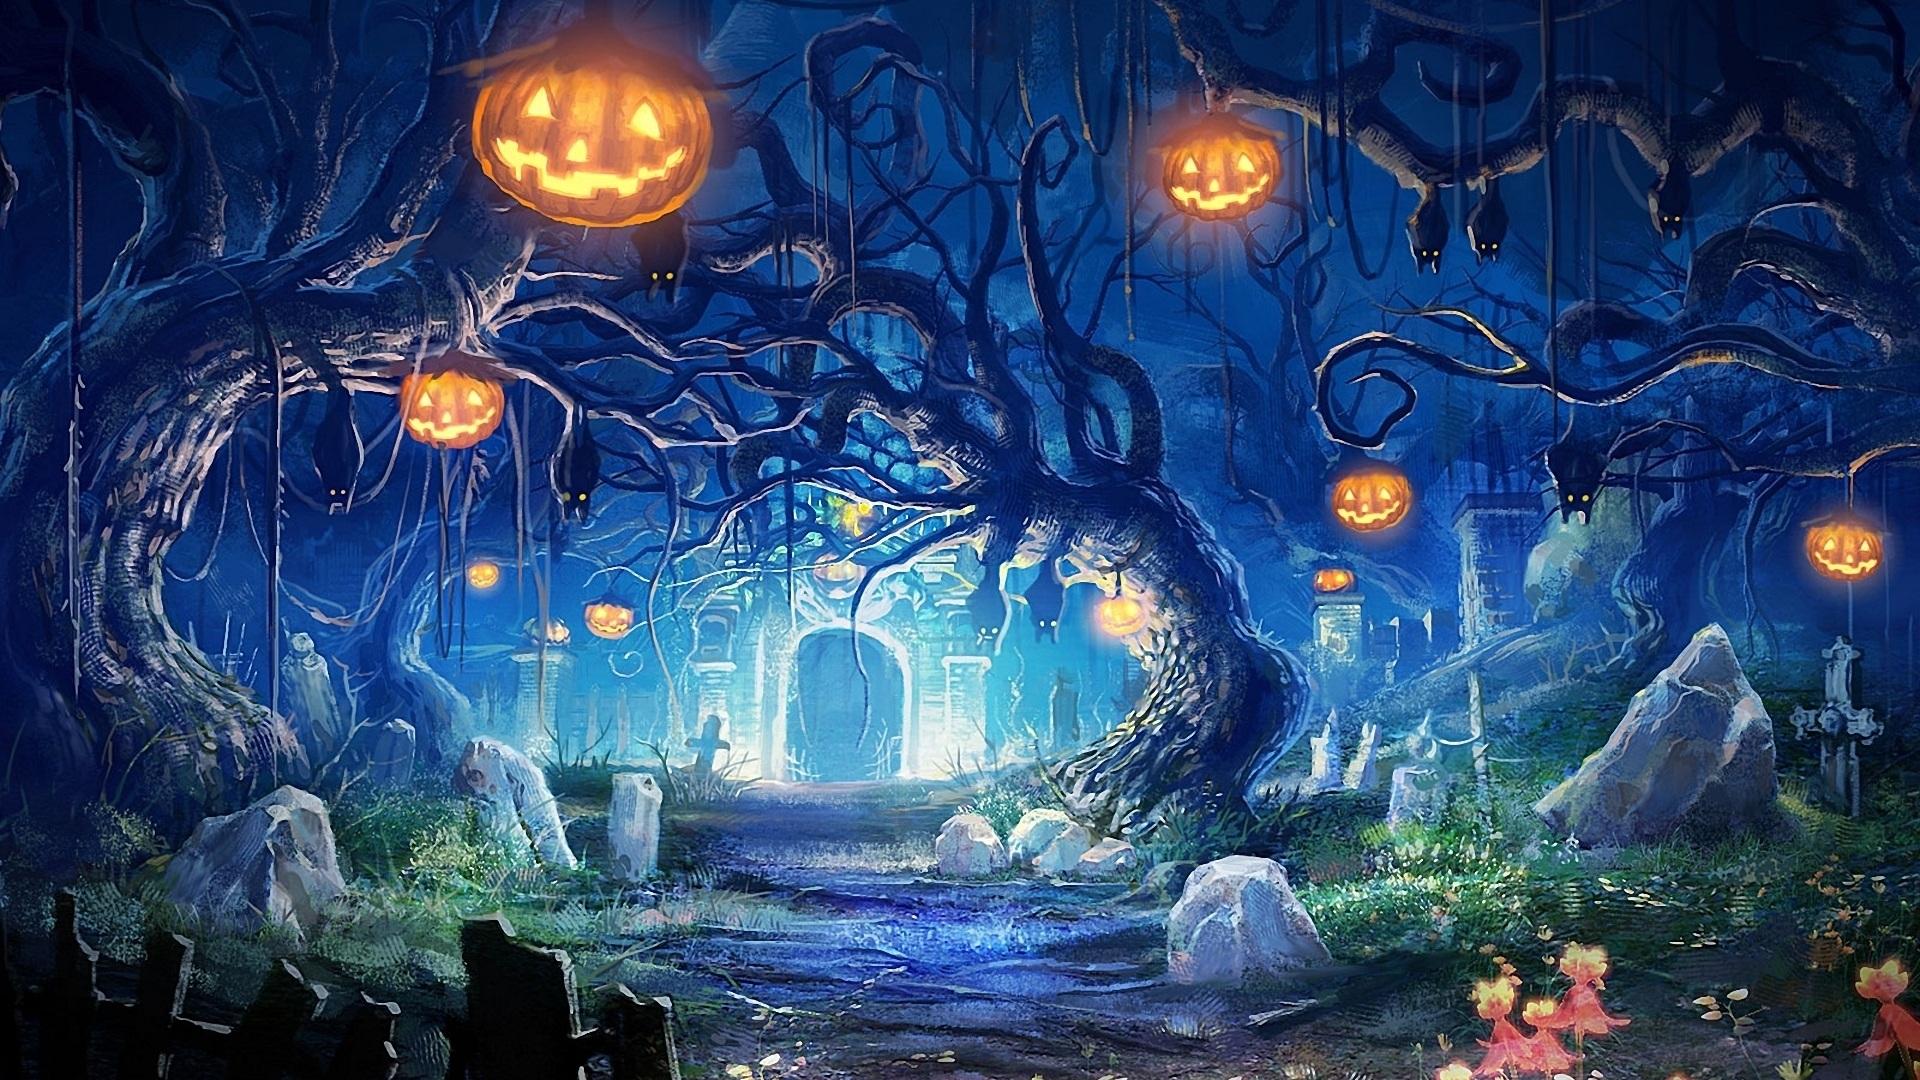 halloween wallpaper 1920x1080 1479137 - Desktop Wallpaper Halloween